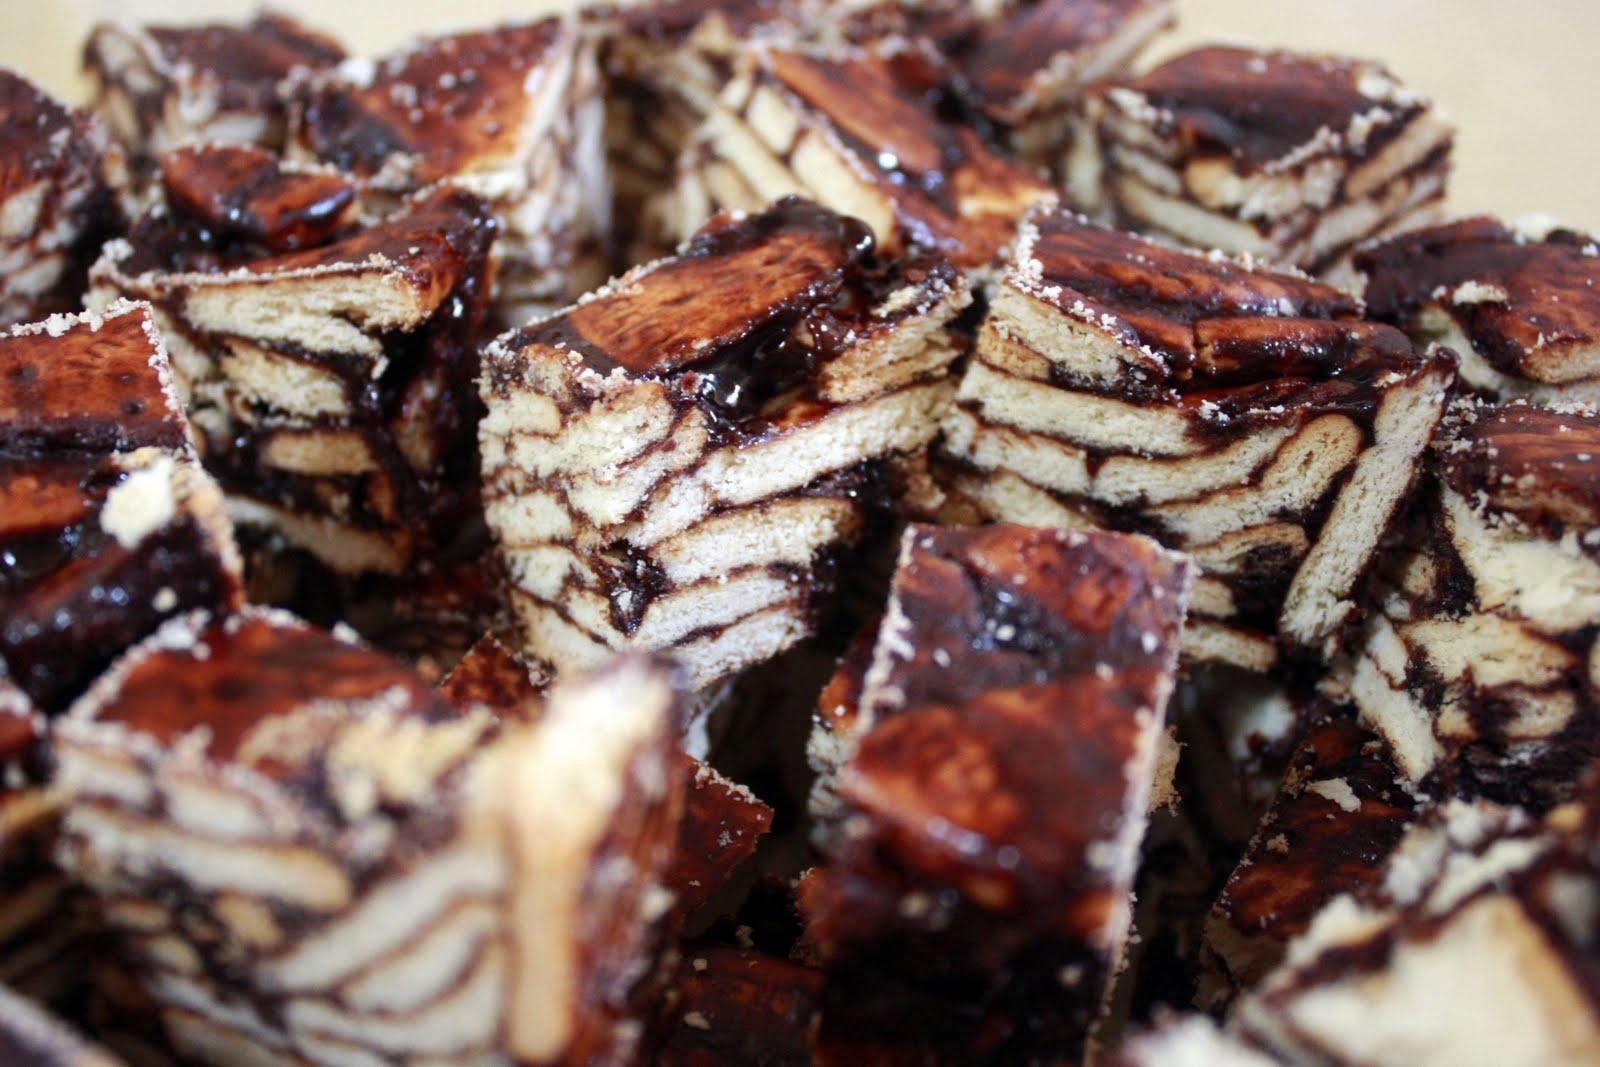 Biskut Batik http://i-can-bake-too.blogspot.com/2011/10/biskut-batik